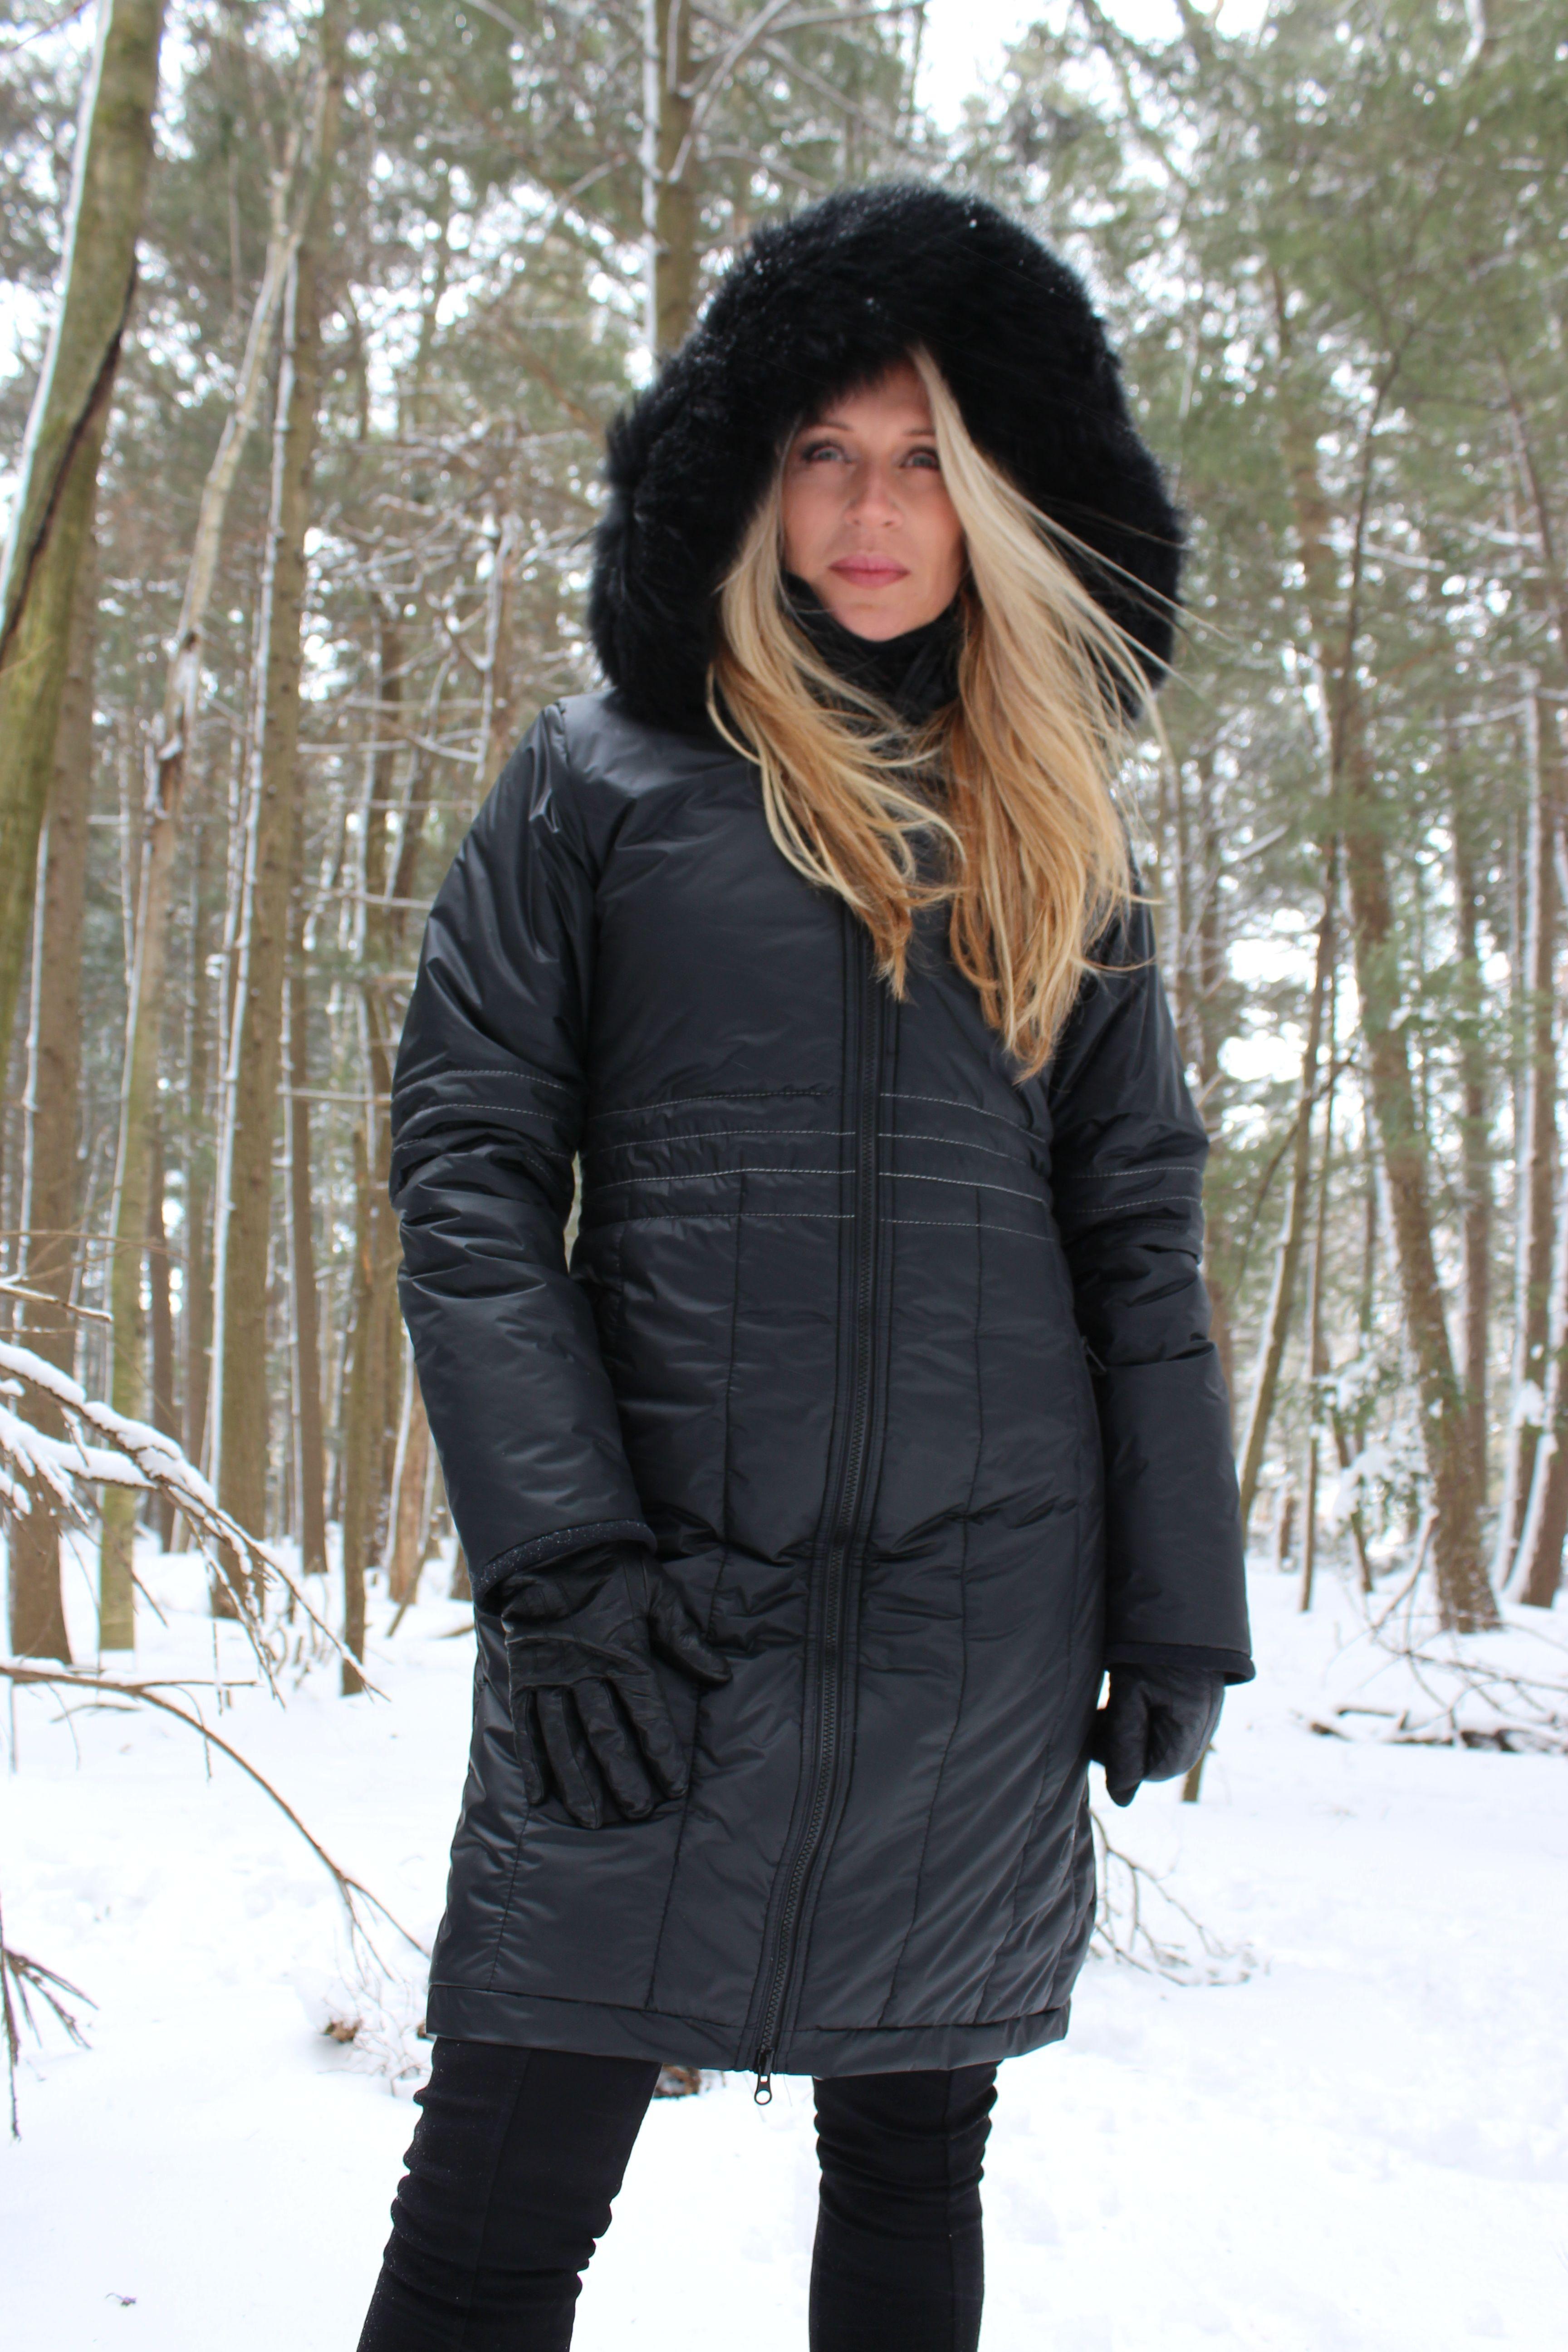 Manteau d'hiver fait au canada